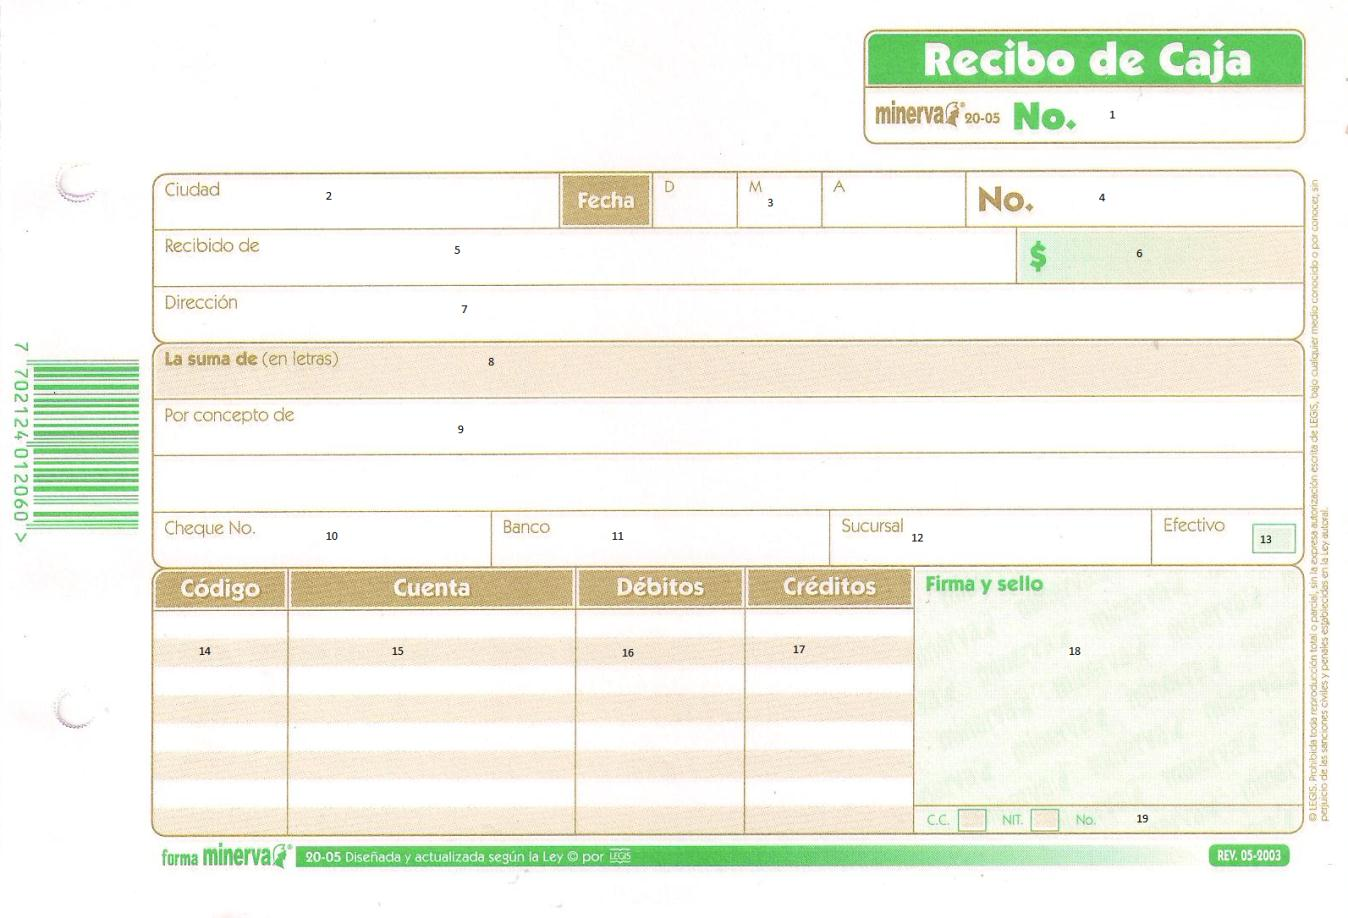 documentos comerciales recibo de caja